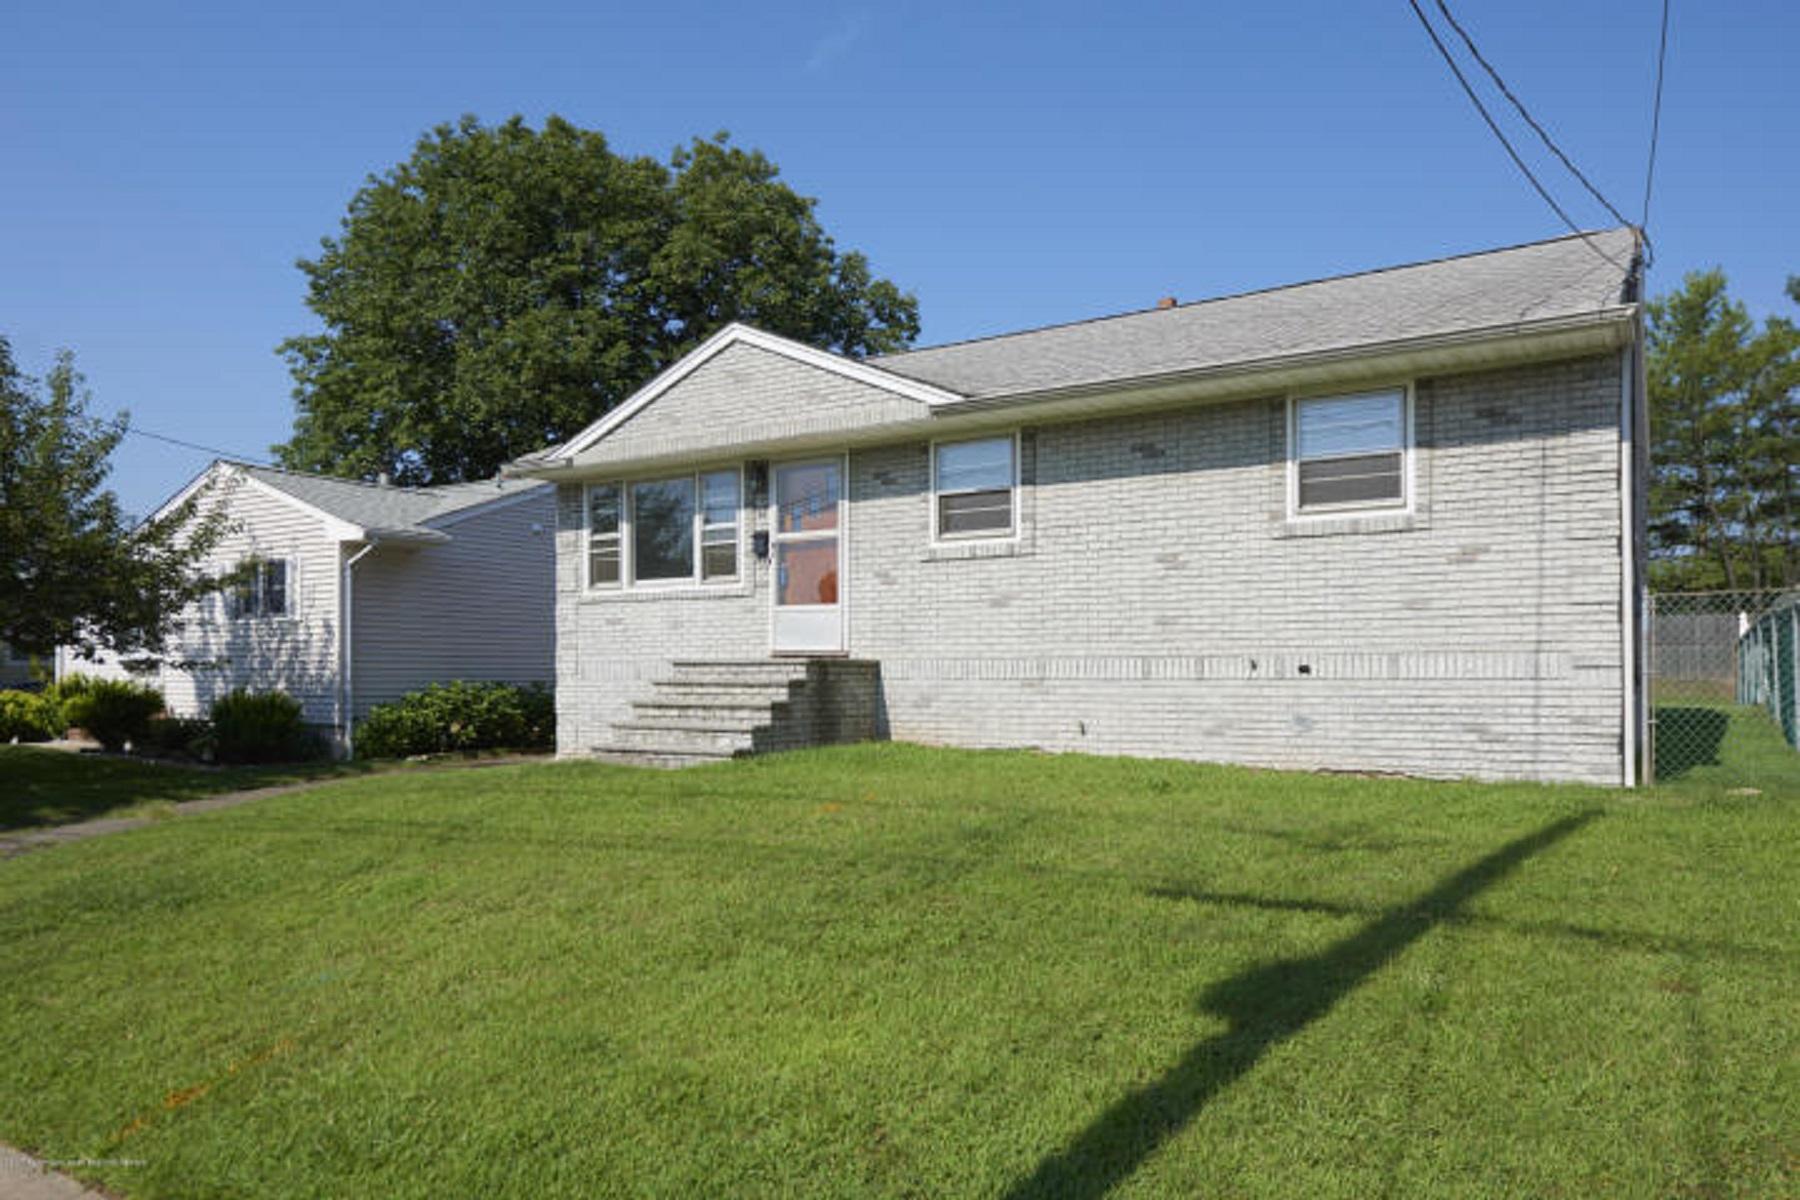 Casa Unifamiliar por un Venta en 33 Kosene Street Woodbridge, Nueva Jersey, 07095 Estados Unidos